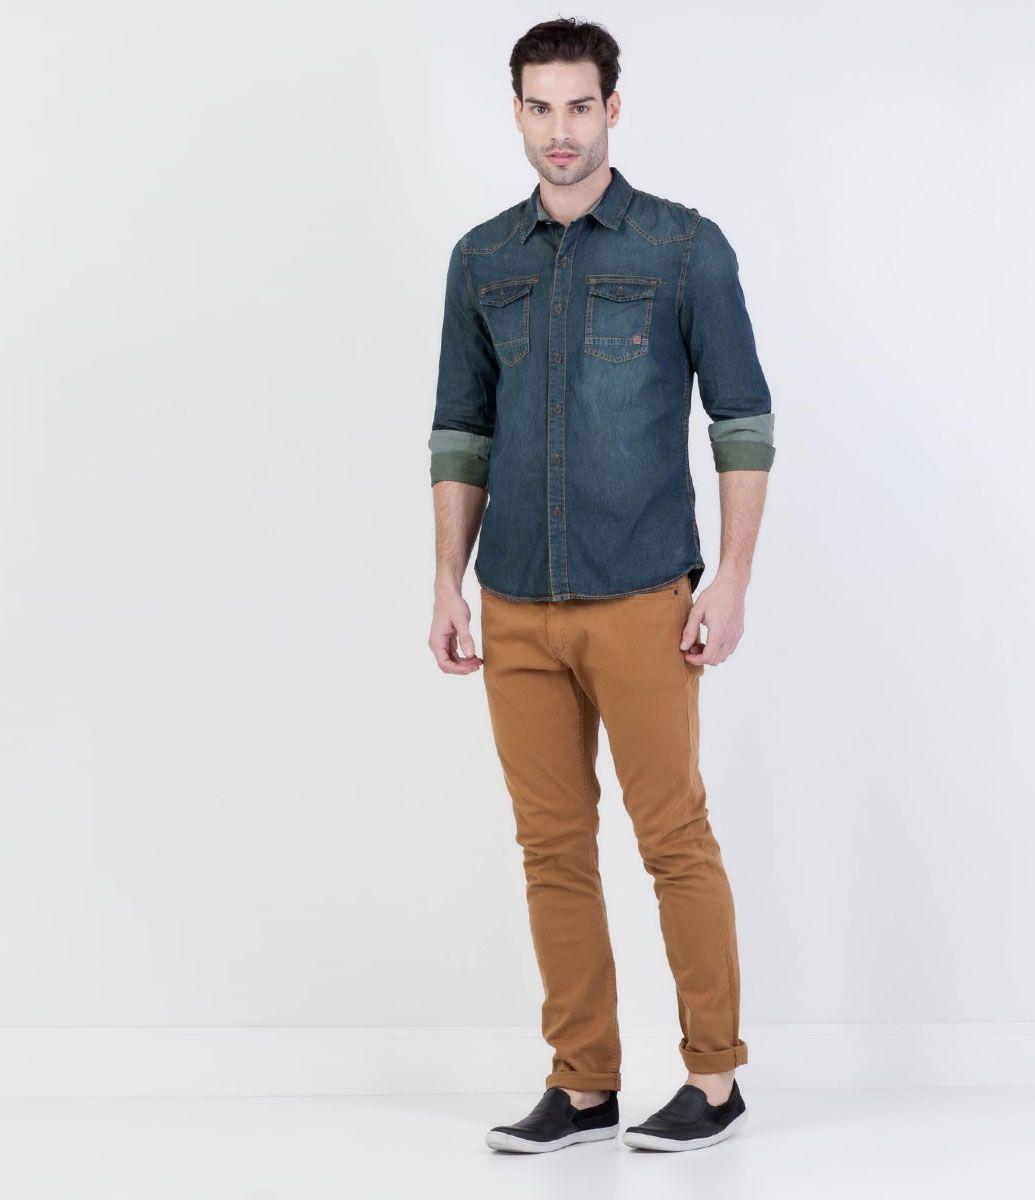 c998629bd Camisa Masculina em Jeans - Lojas Renner